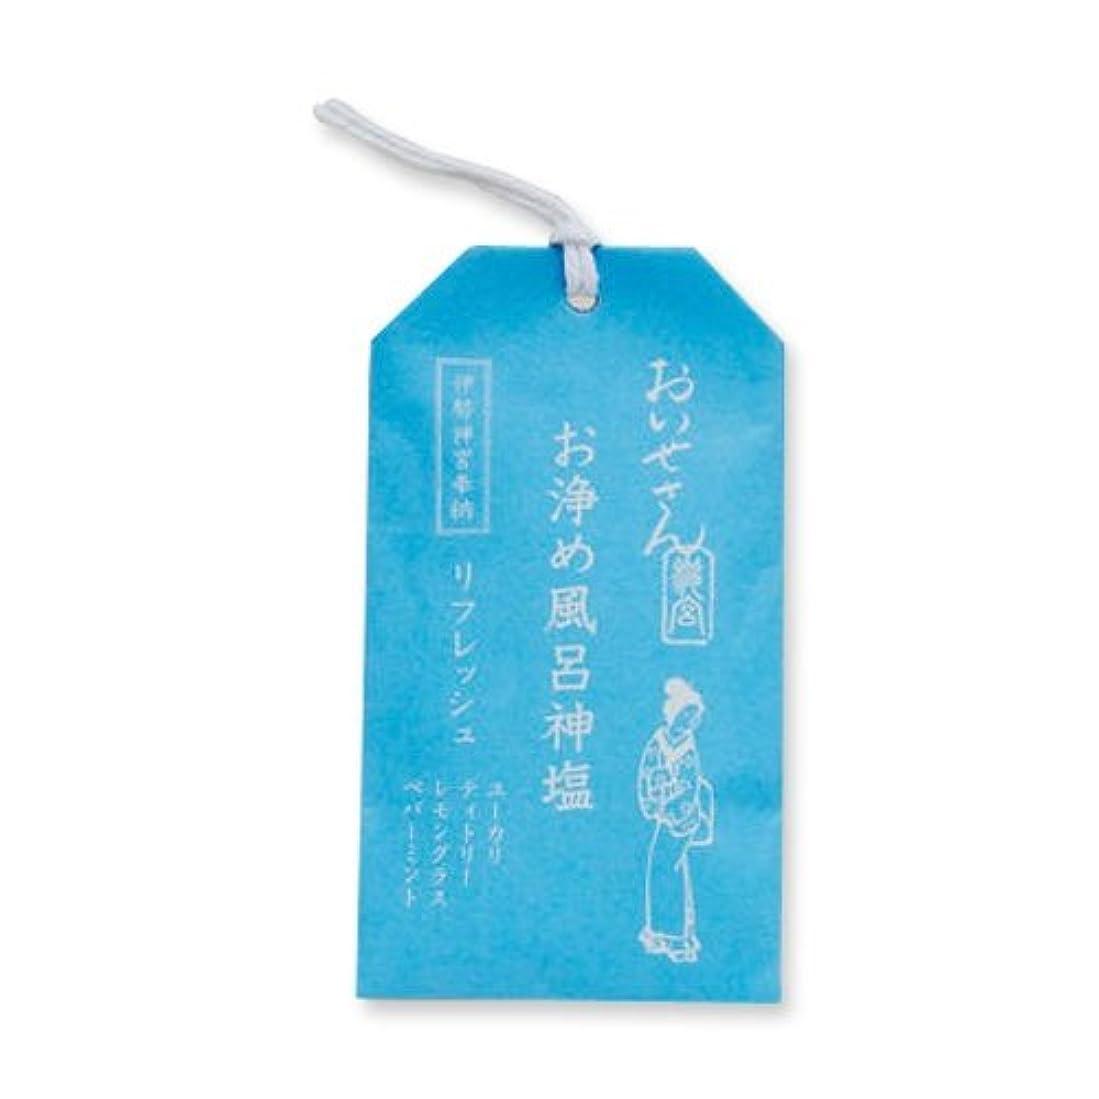 リットル世論調査合併症おいせさん お浄め風呂神塩 バス用ソルト(リフレッシュ) 20g